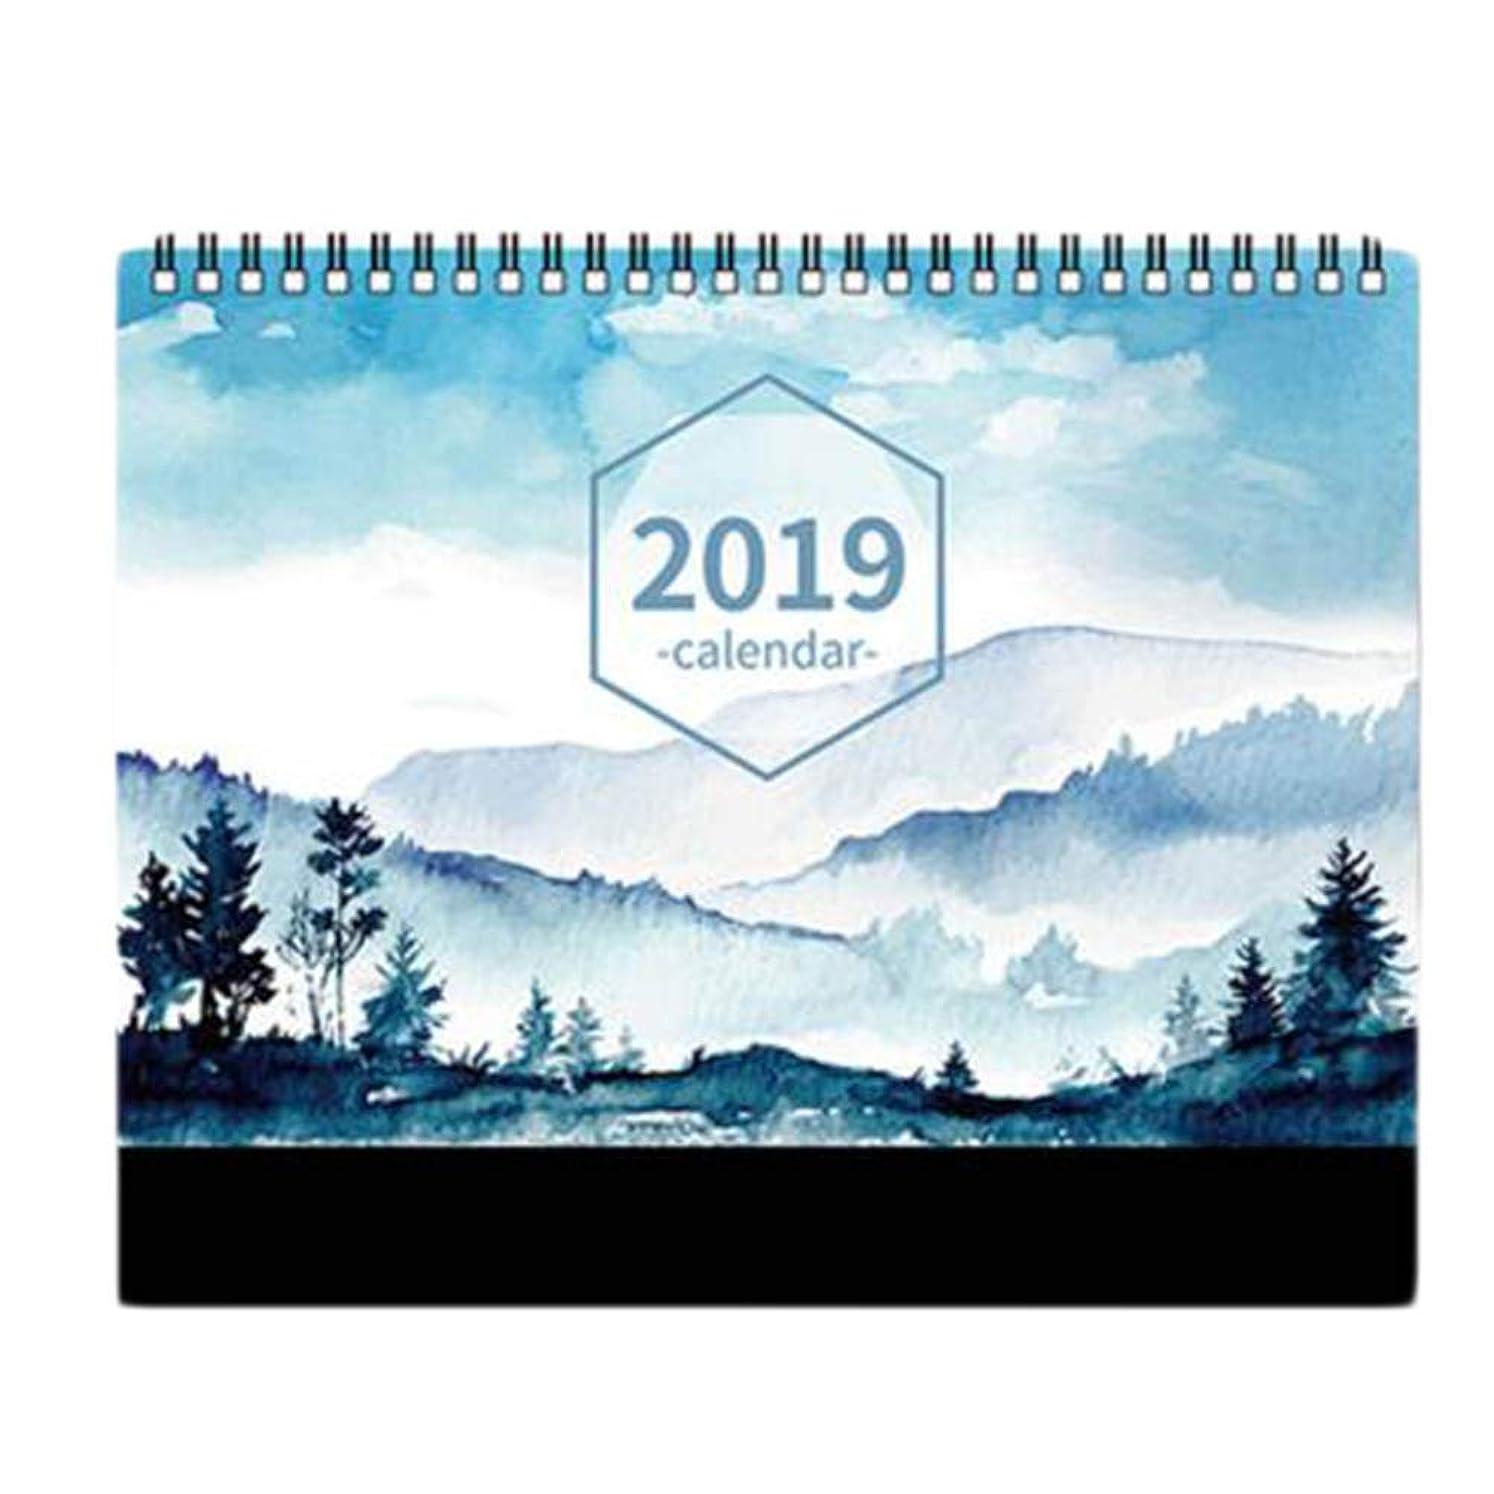 日常的に終了しました多年生小規模月間カレンダーアカデミックイヤーデスクカレンダー2018-2019デスクスケジューラー-A22